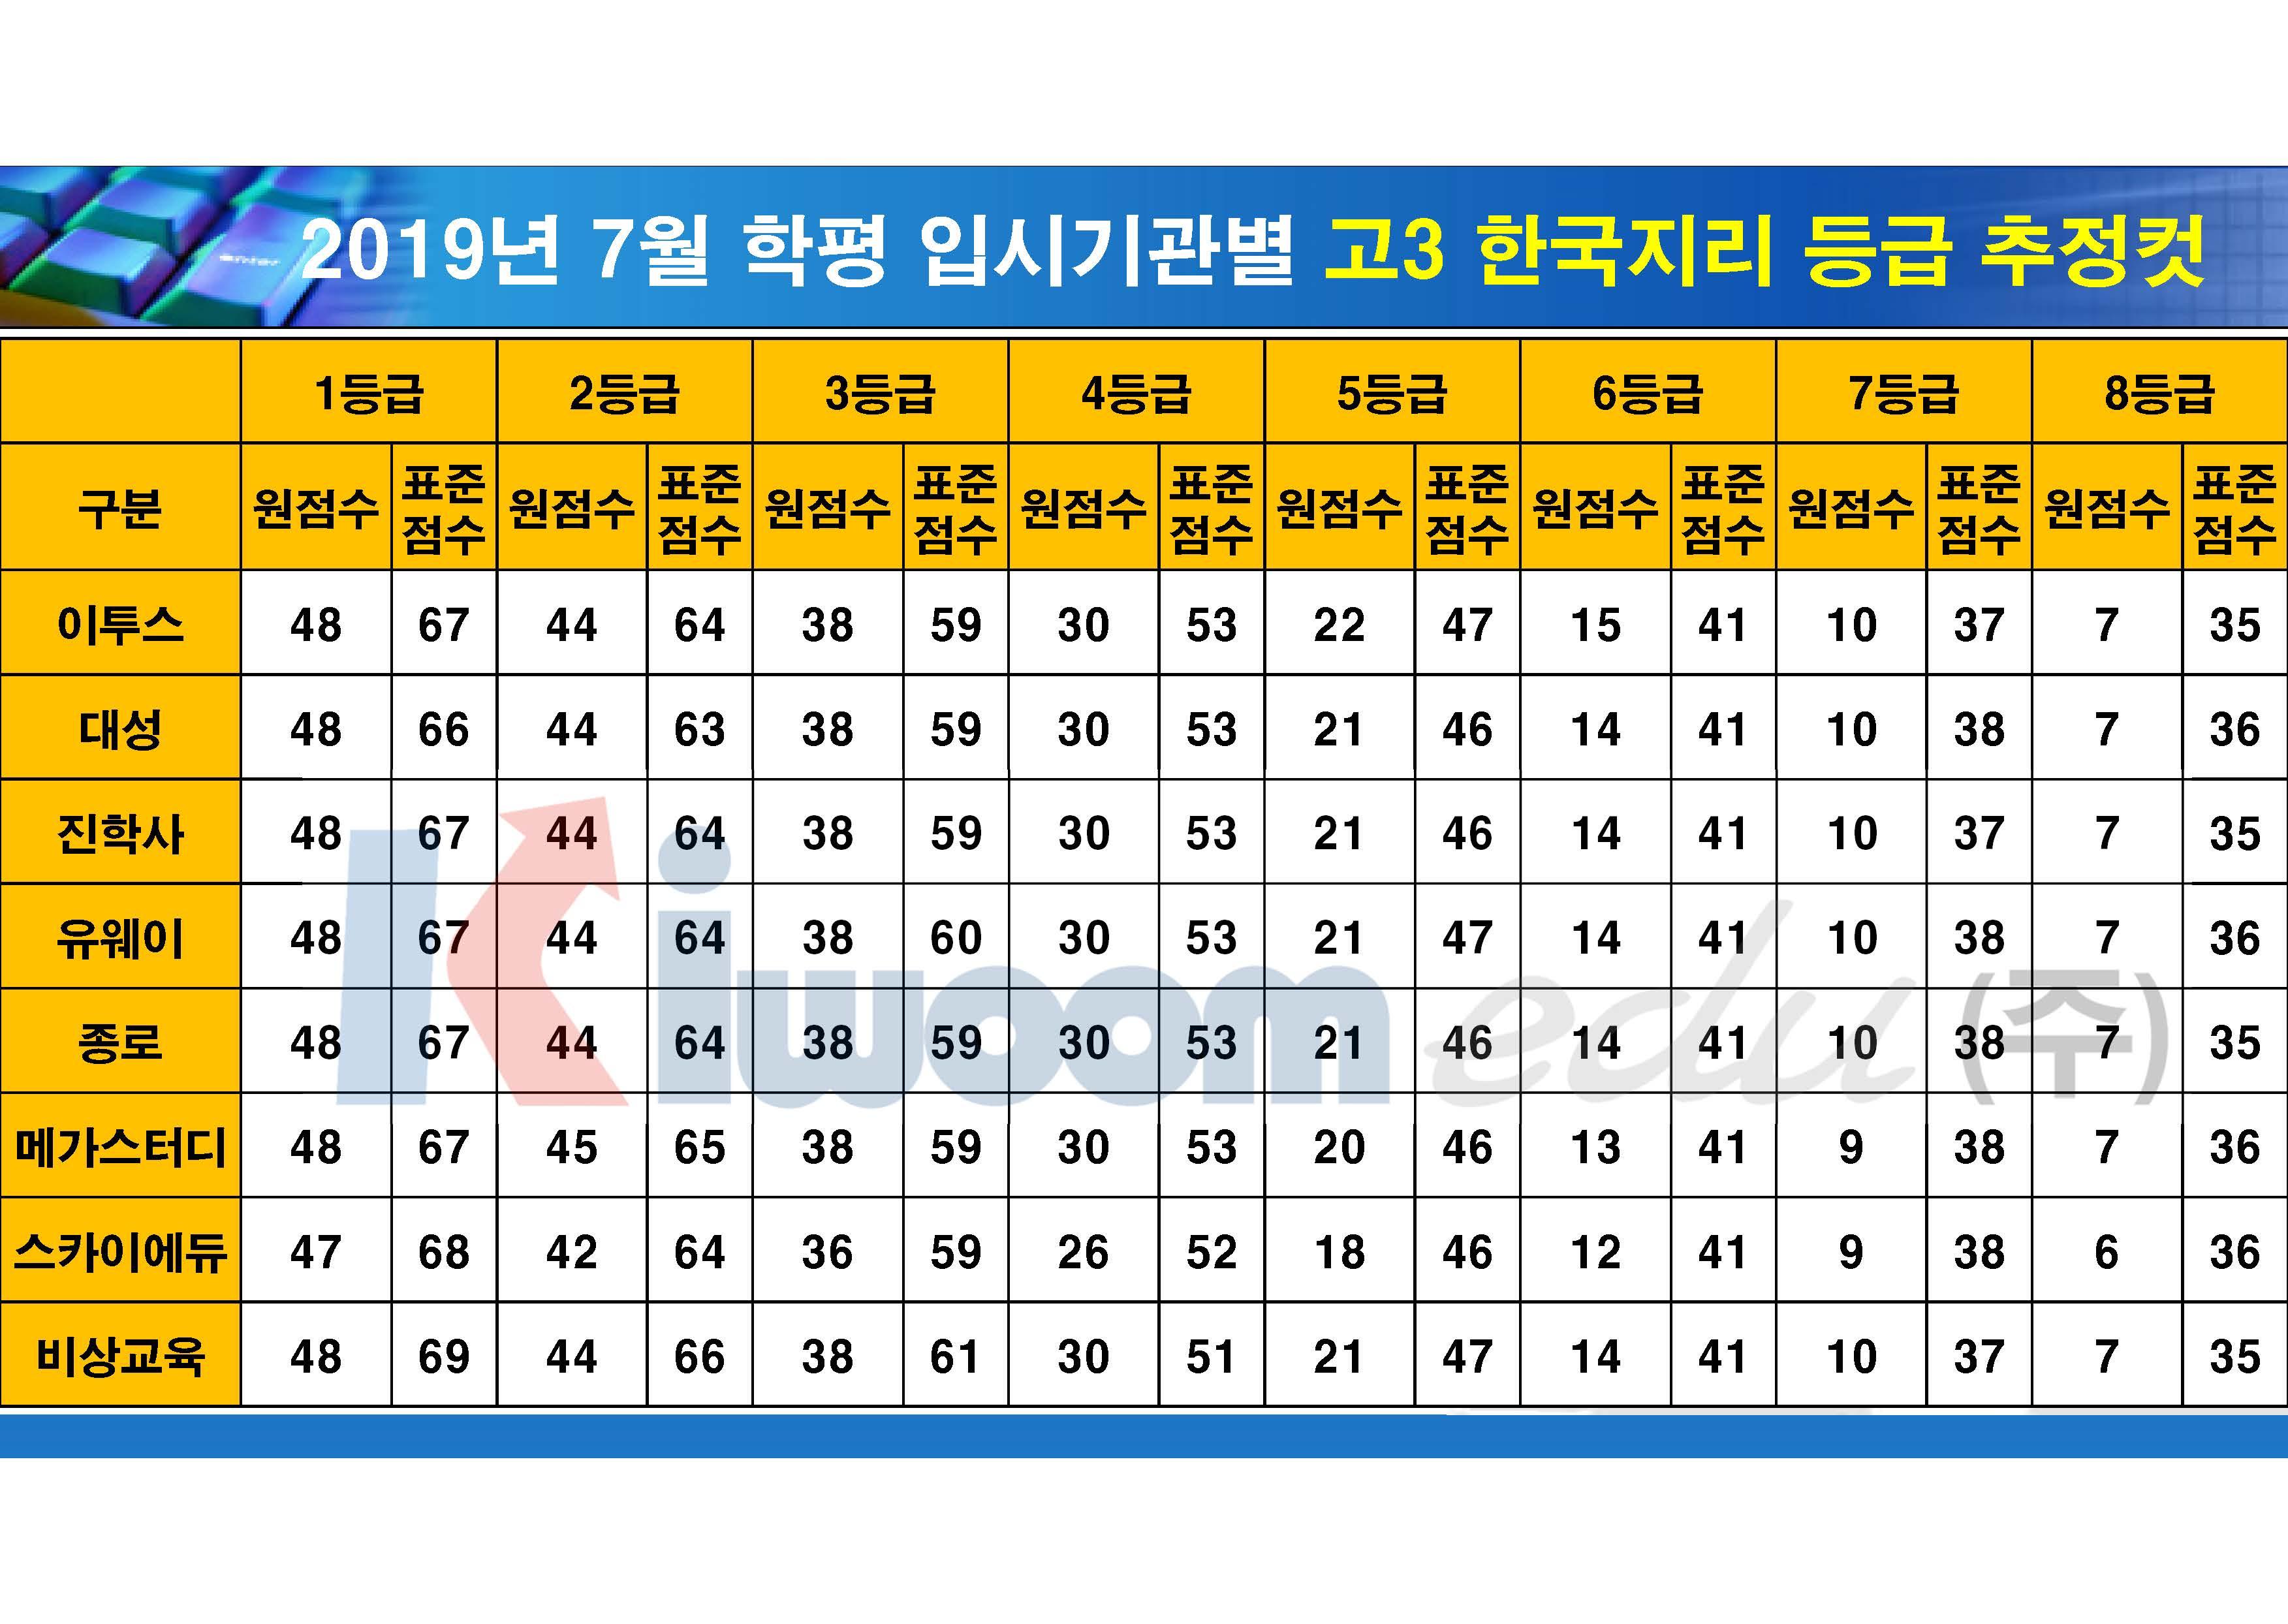 2019 7월 모의고사 입시기관별 등급컷(고3)_20190711_안지훈#1(16시 30분 기준)_Page_08.jpg